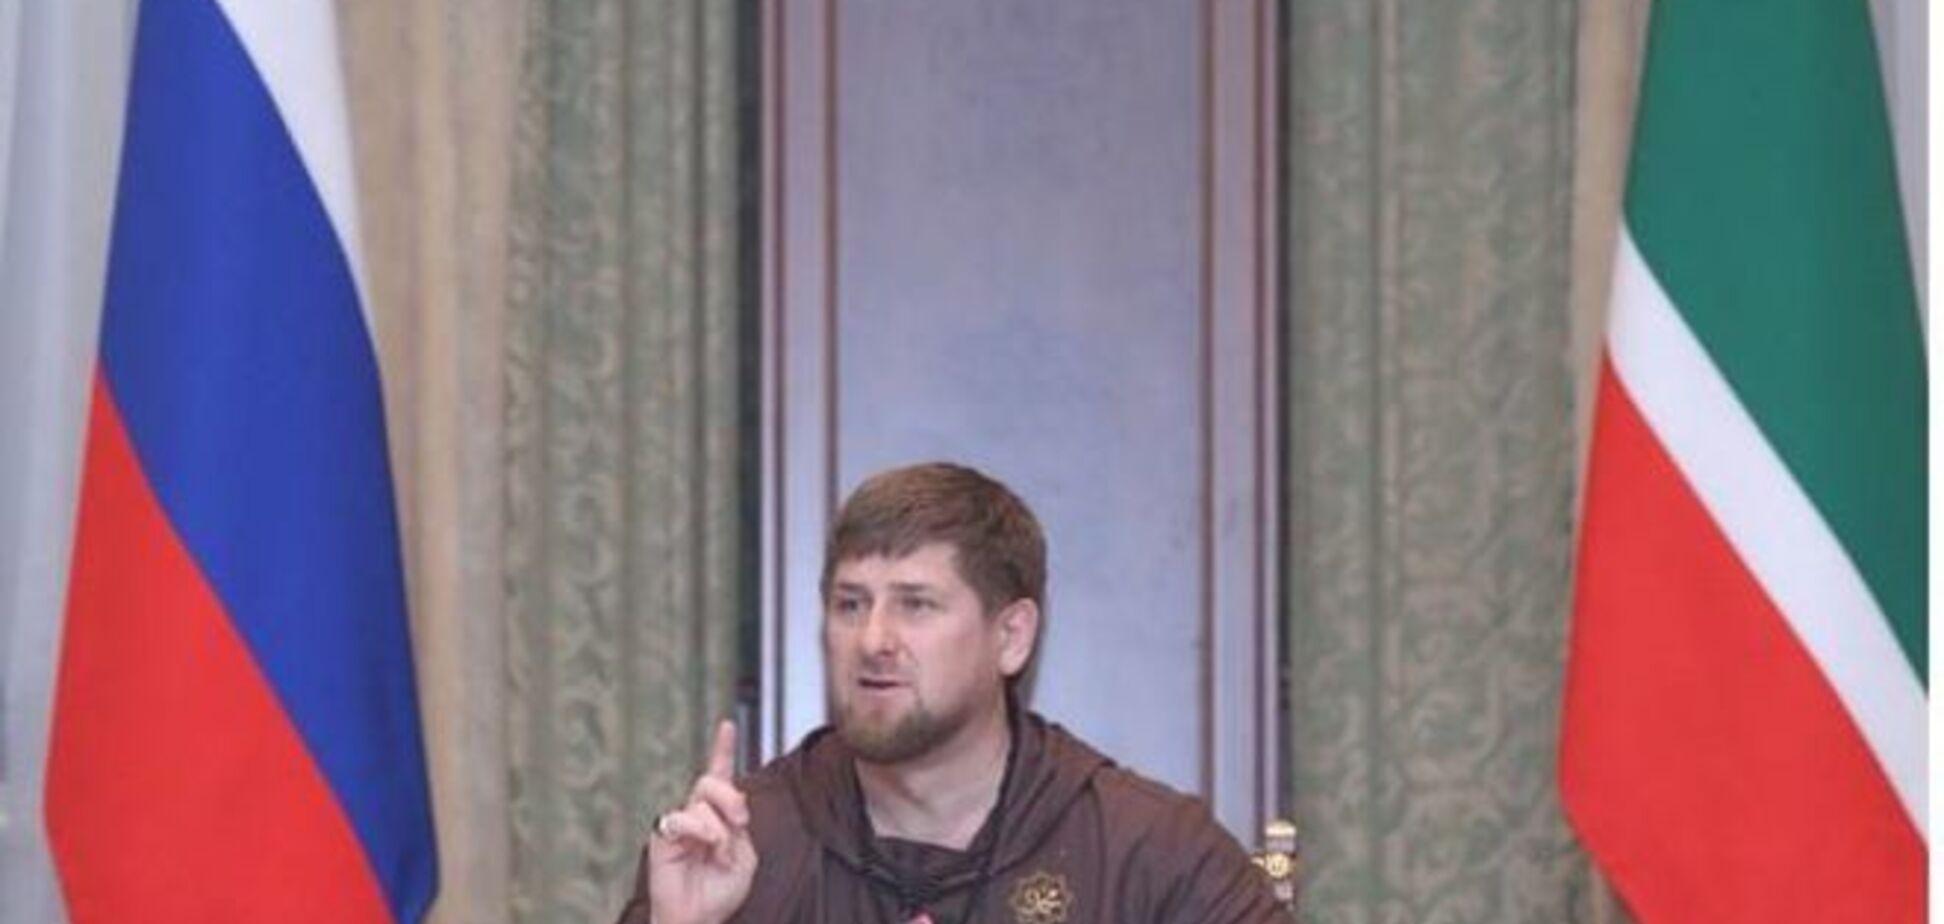 Кадыров обвинил в убийстве Немцова 'спецслужбы Запада и Украины'